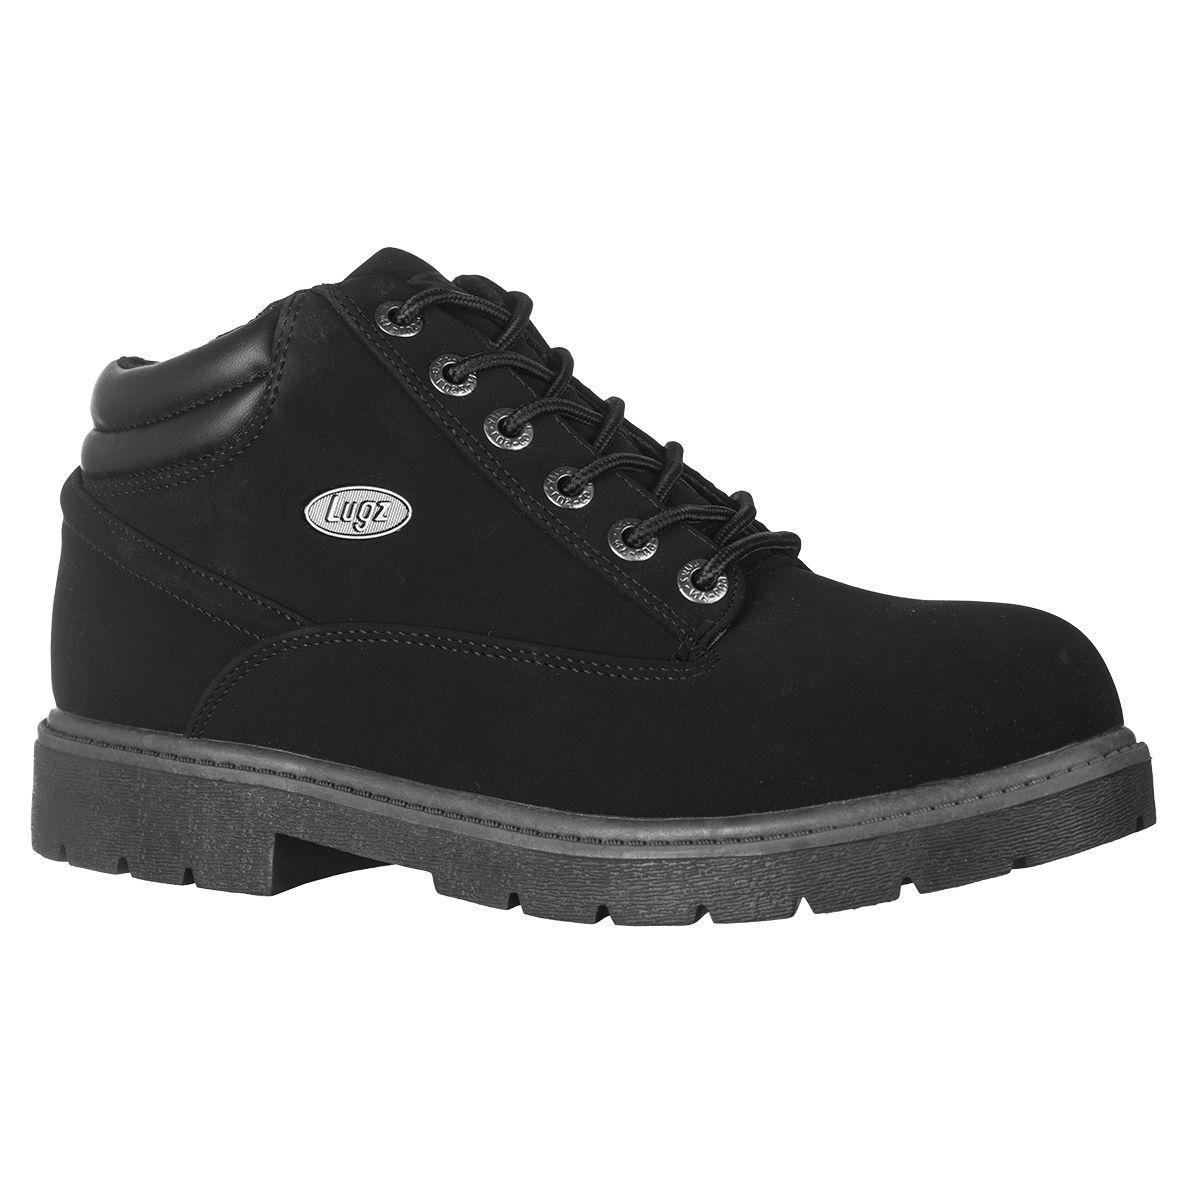 Lugz Men's 'Monster Mid' Slip-resistant Durabrush Boots